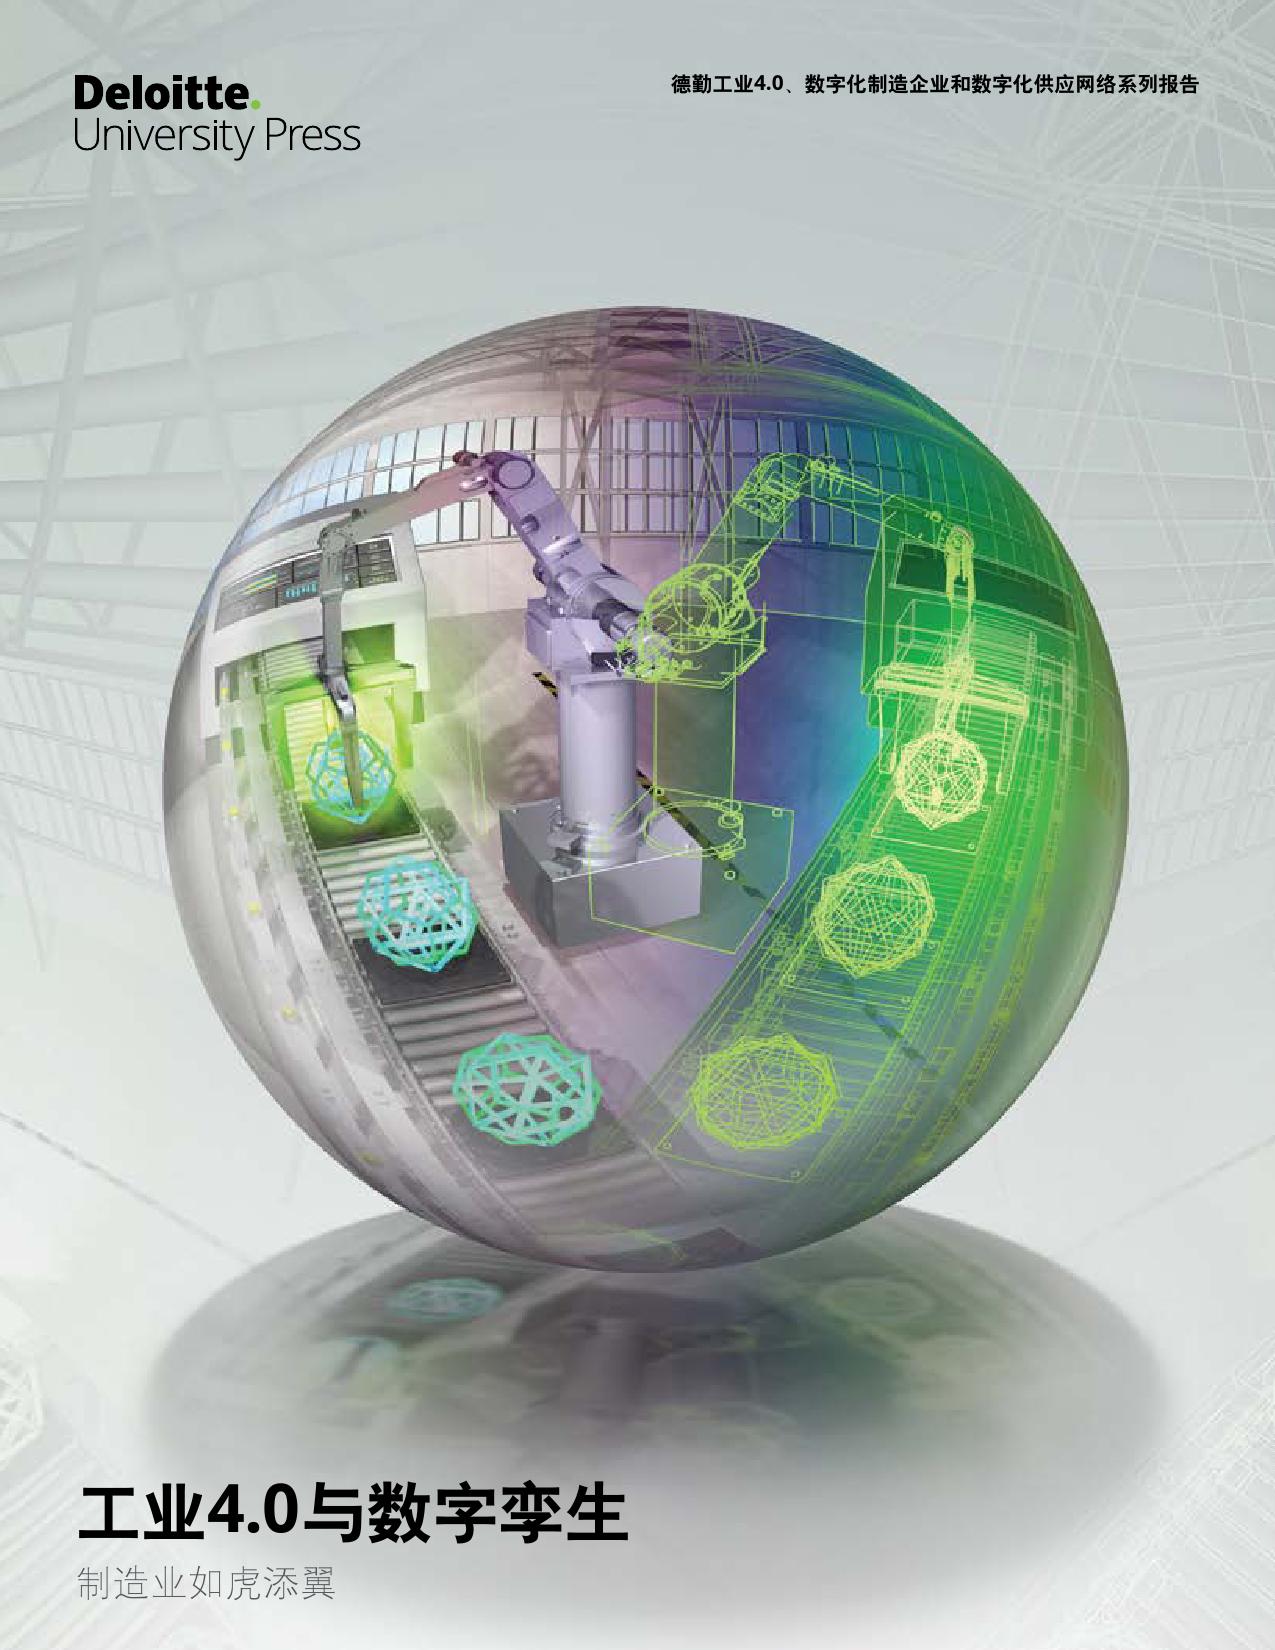 工业4.0与数字孪生:制造业如虎添翼(附下载)